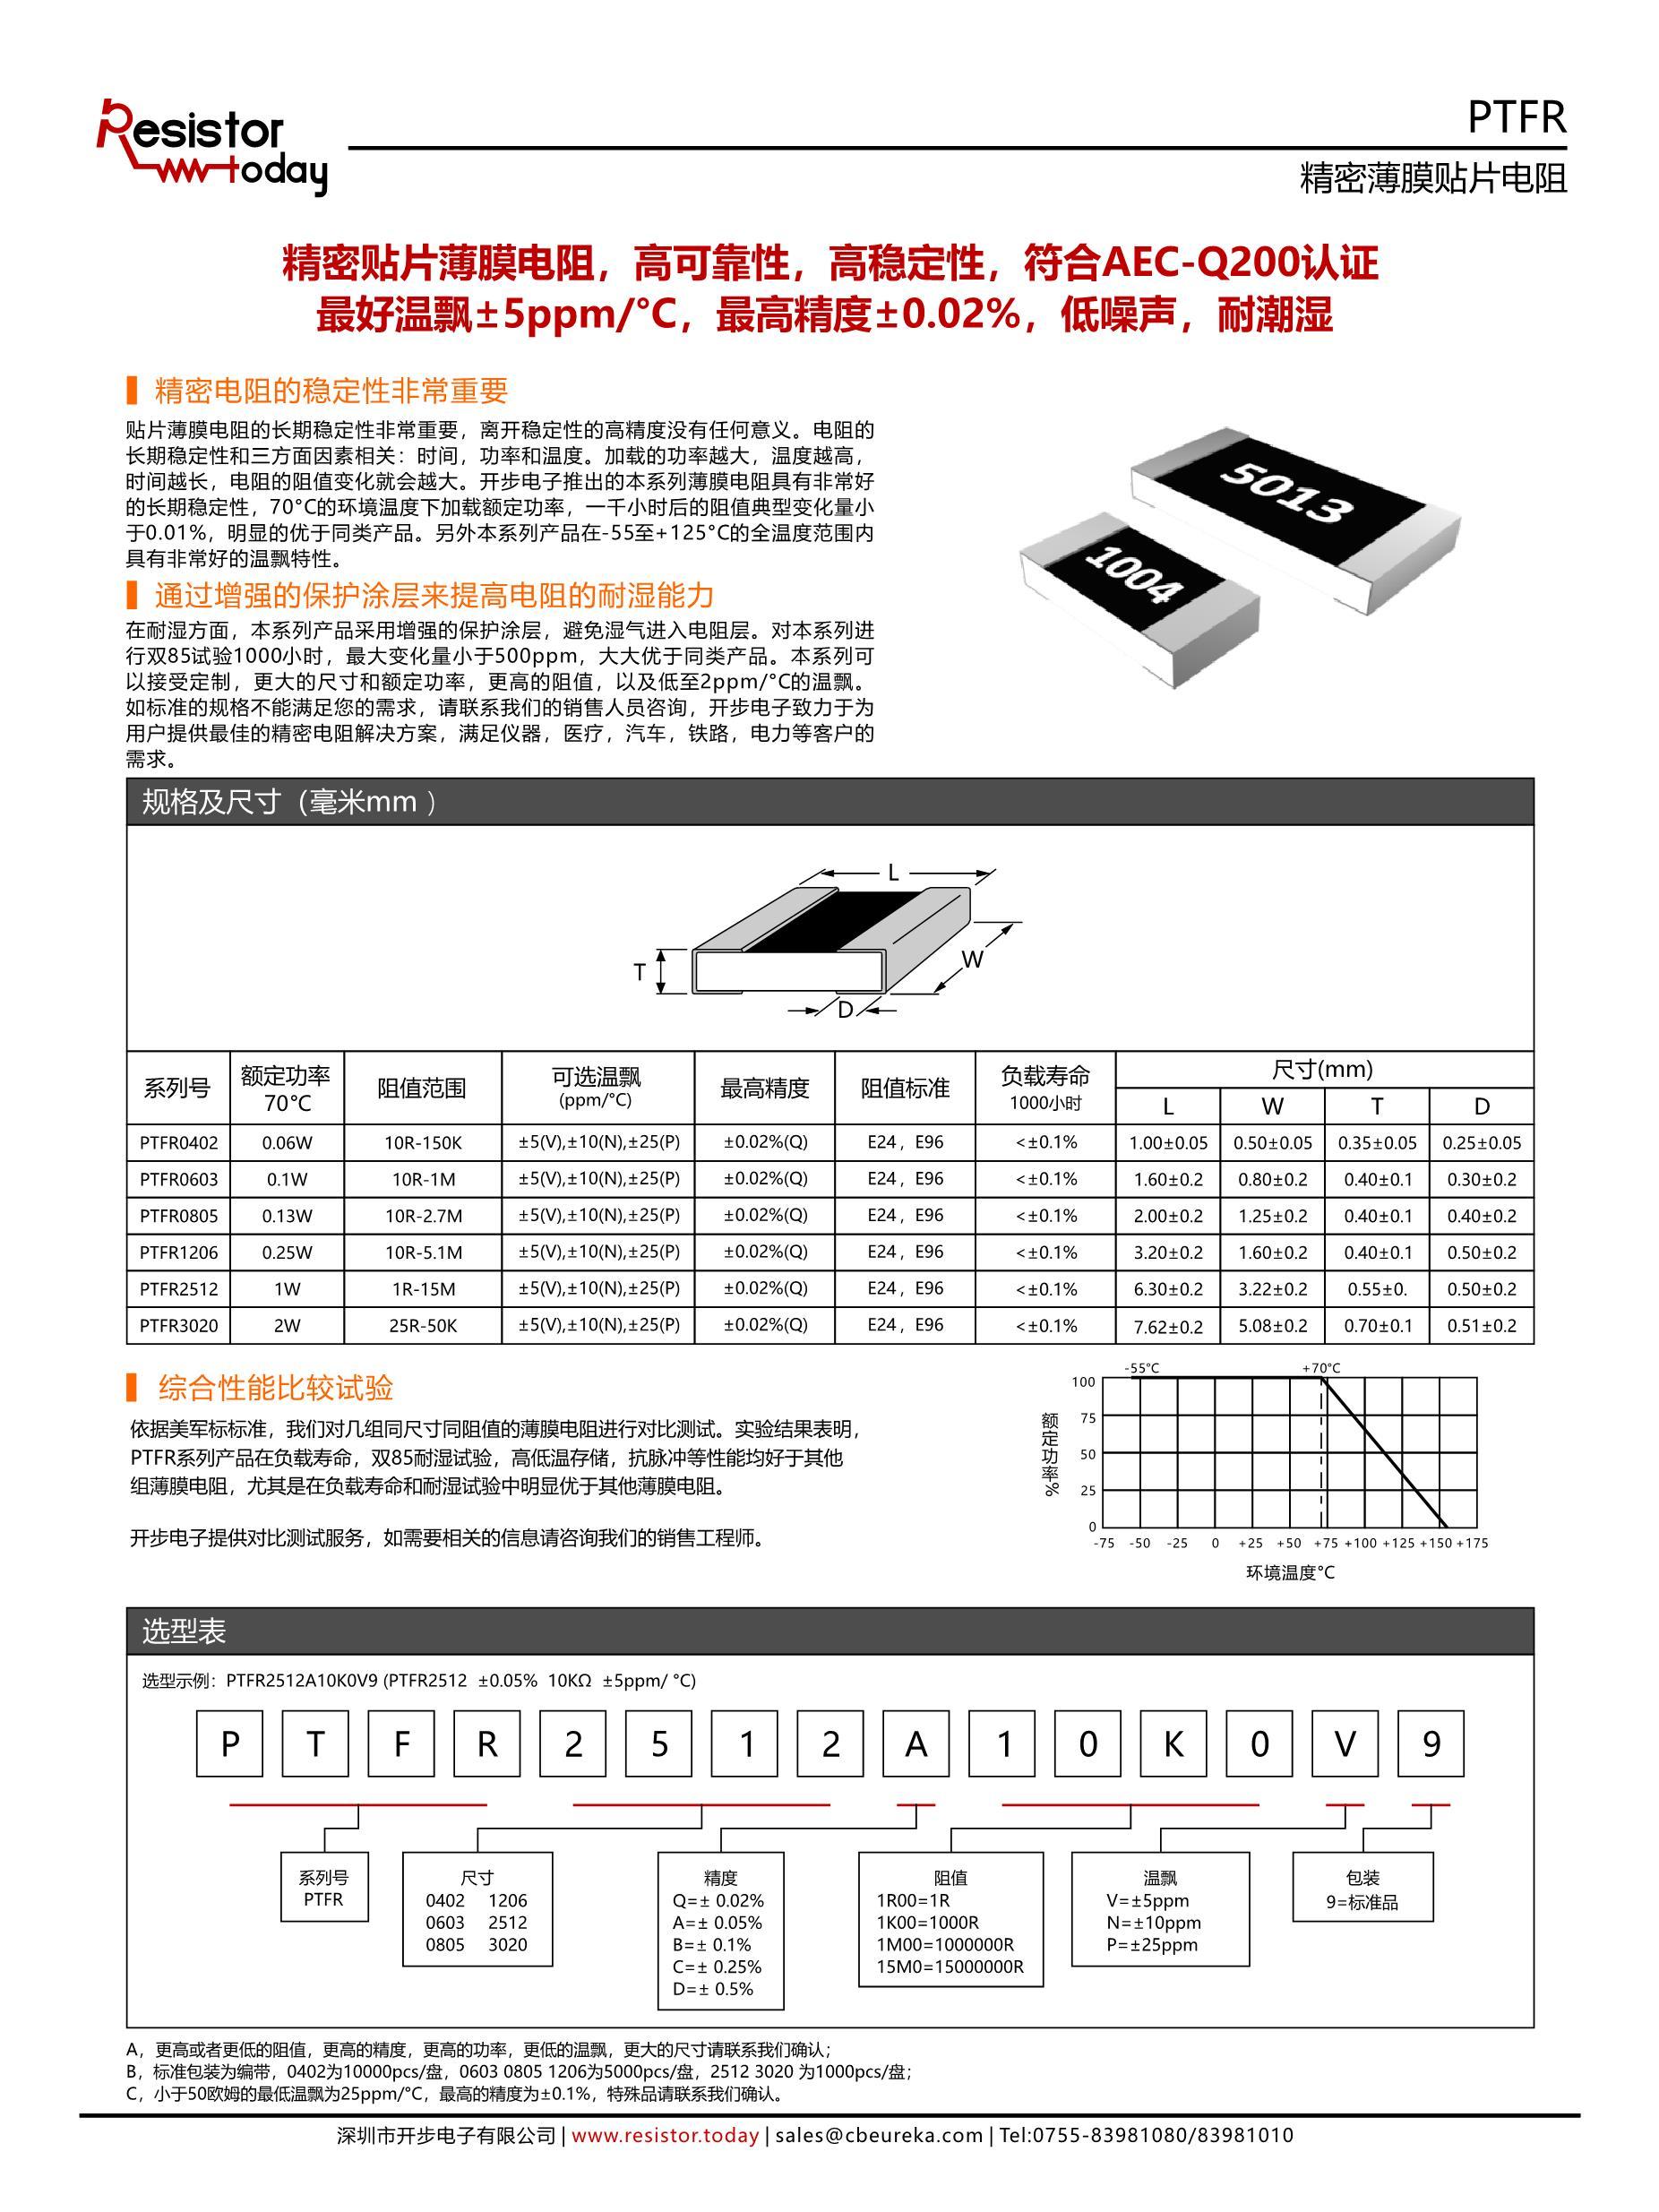 0.47UF50WV's pdf picture 1